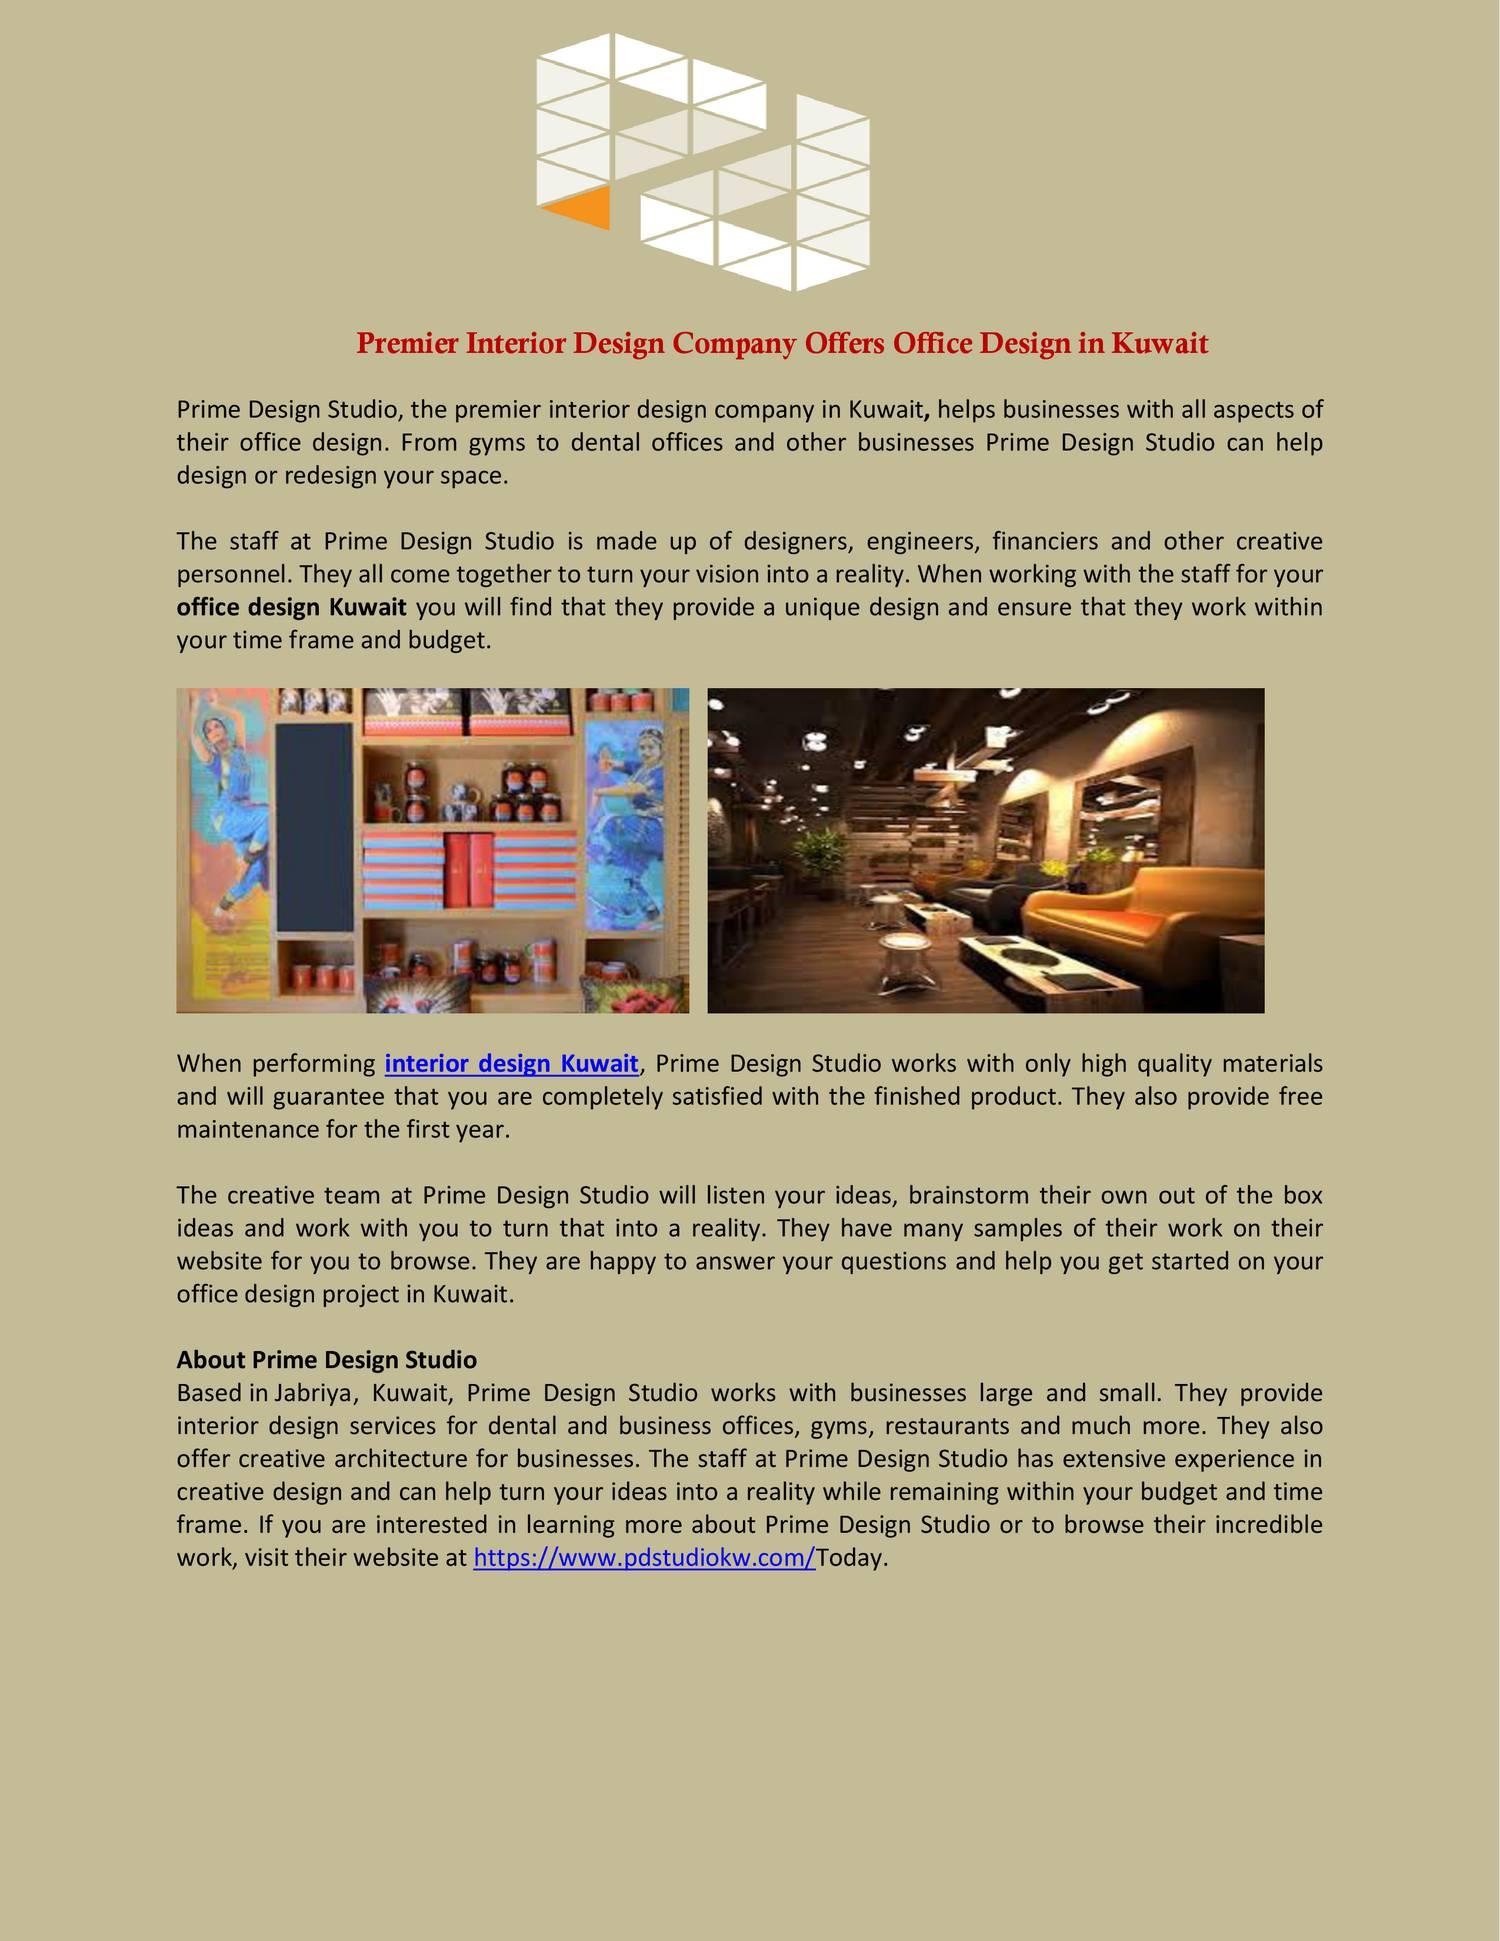 Premier Interior Design Company Offers Office Design in